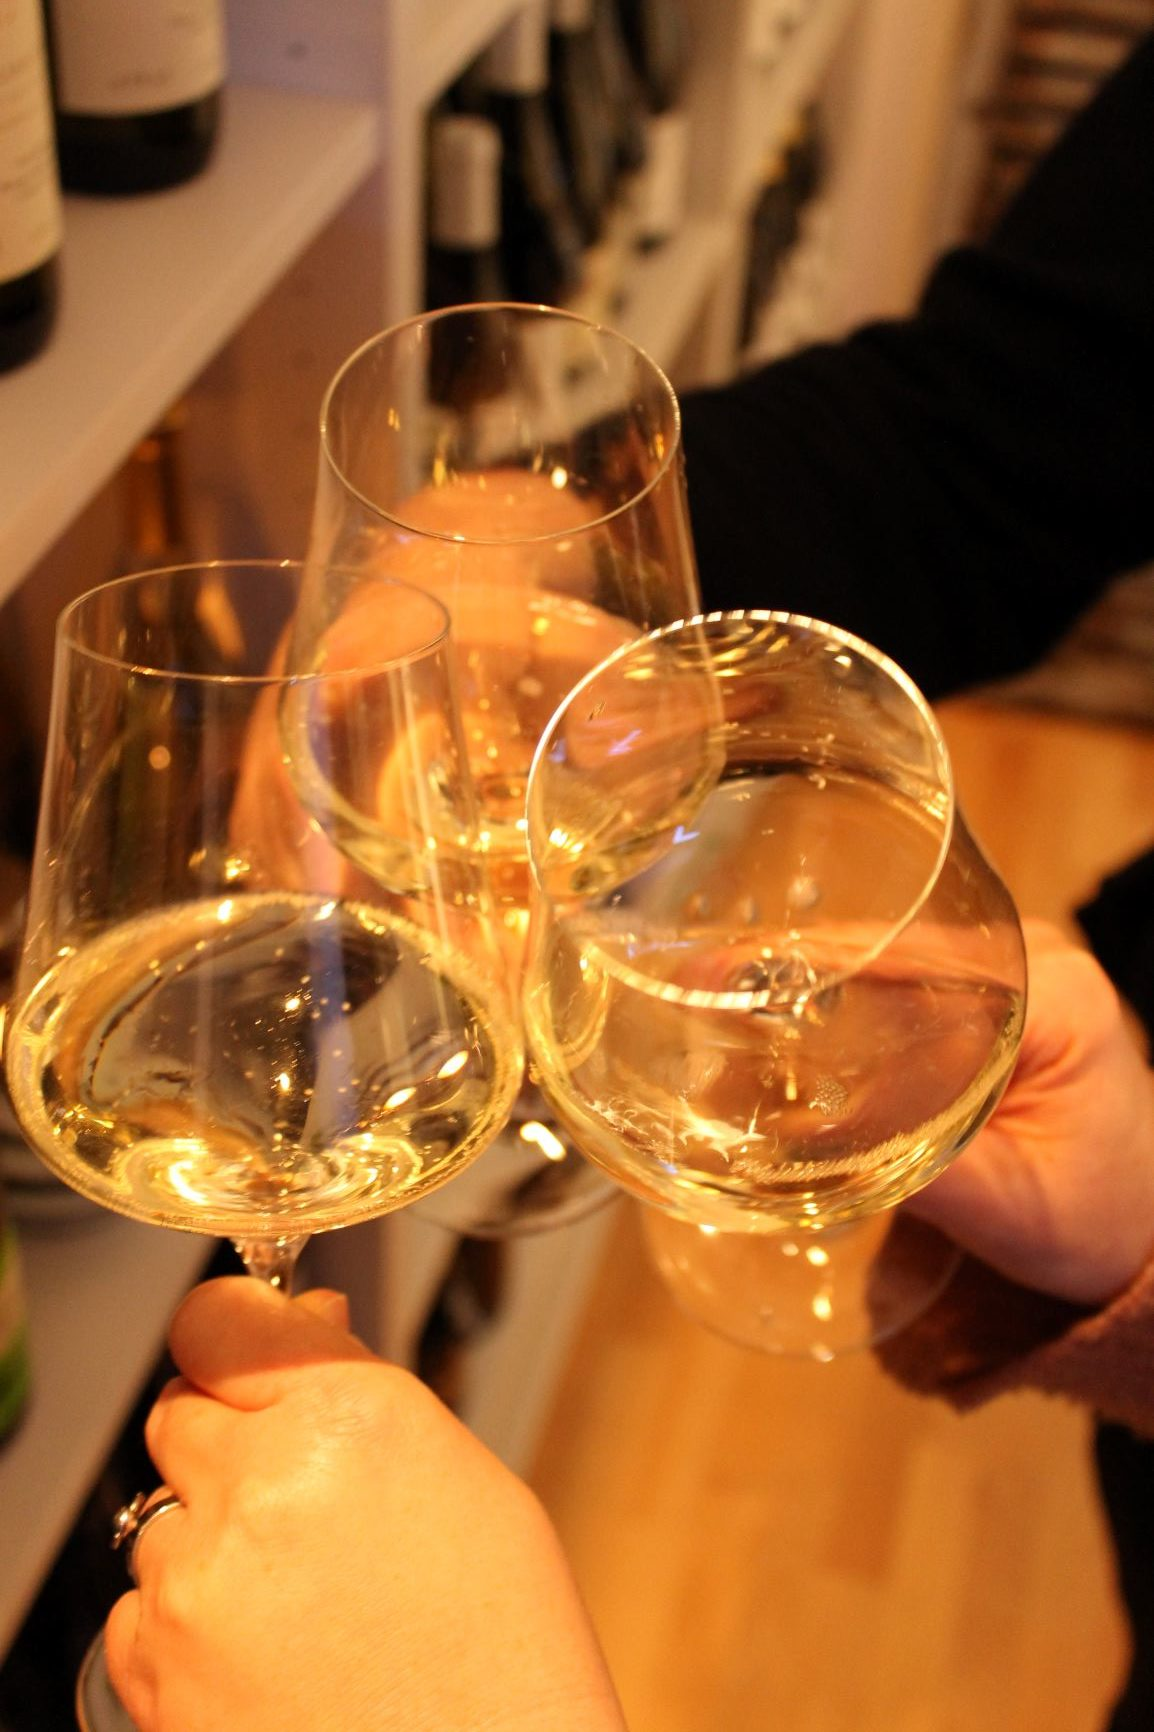 Feiern bei Weinsichten e1573658424285 - Firmenevents und private Weinabende - NEU: Natürlich auch als Online-Event möglich!